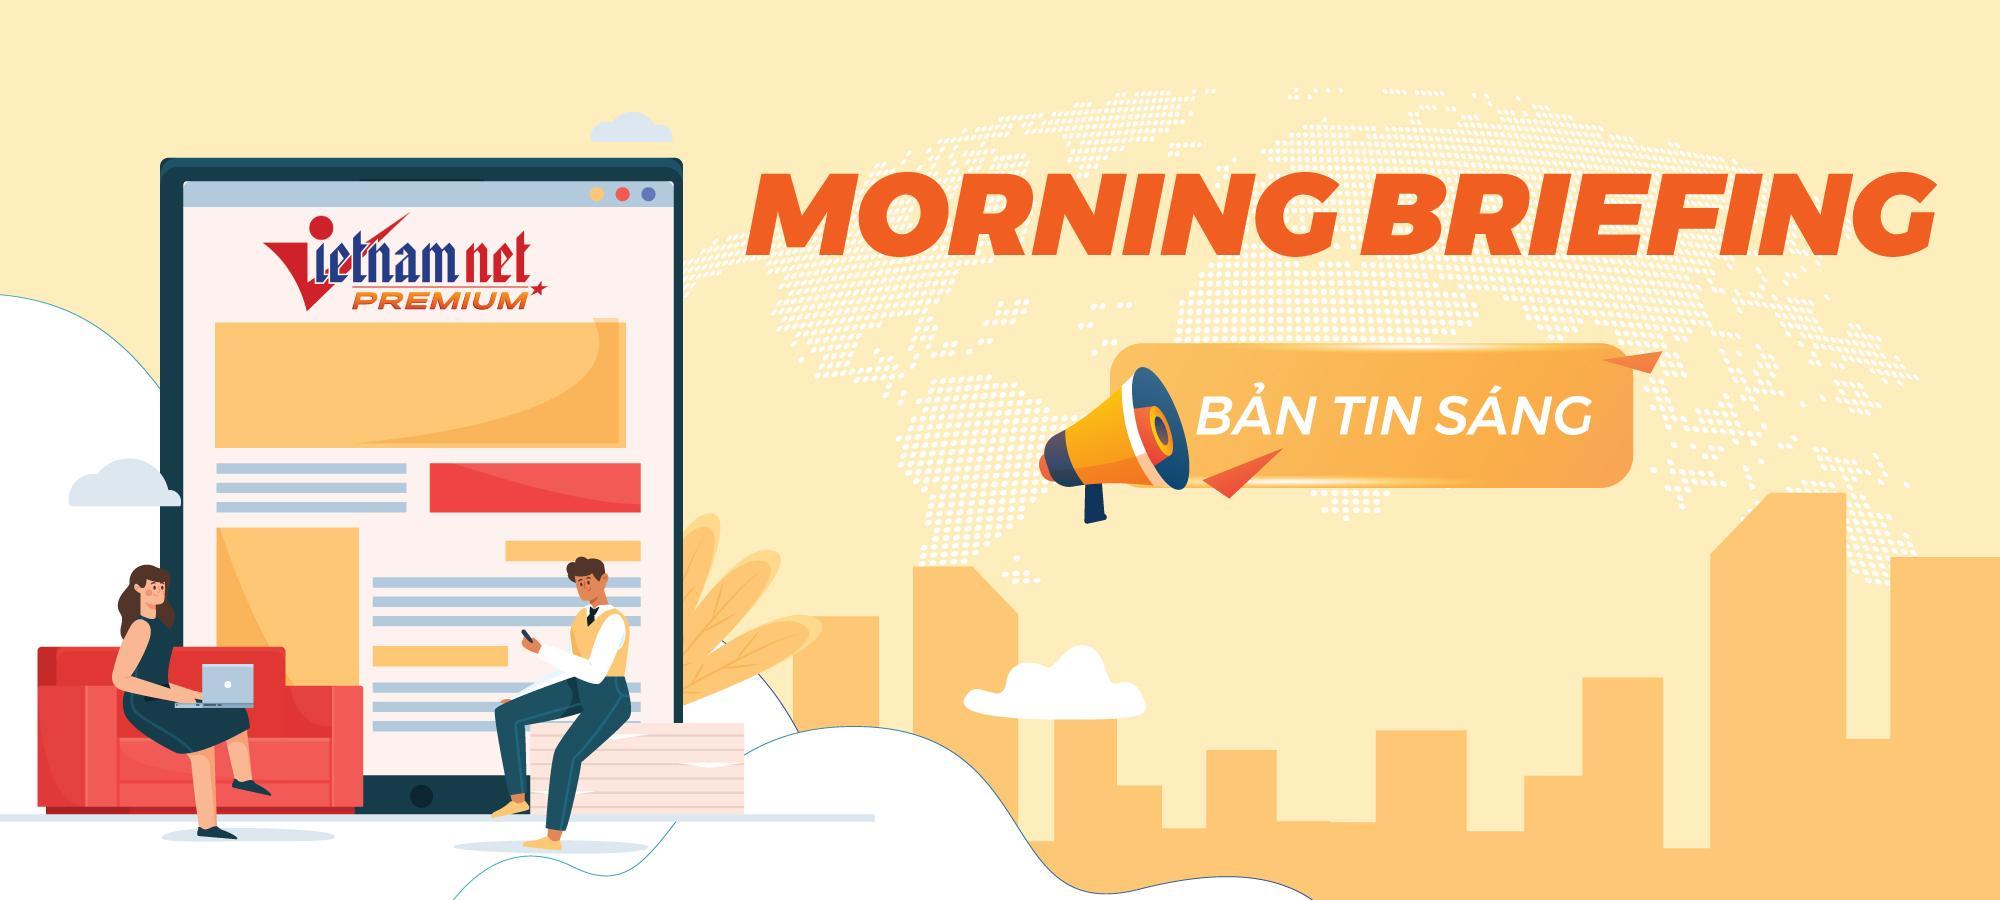 Bản tin sáng VietNamNet (17/09/2021)